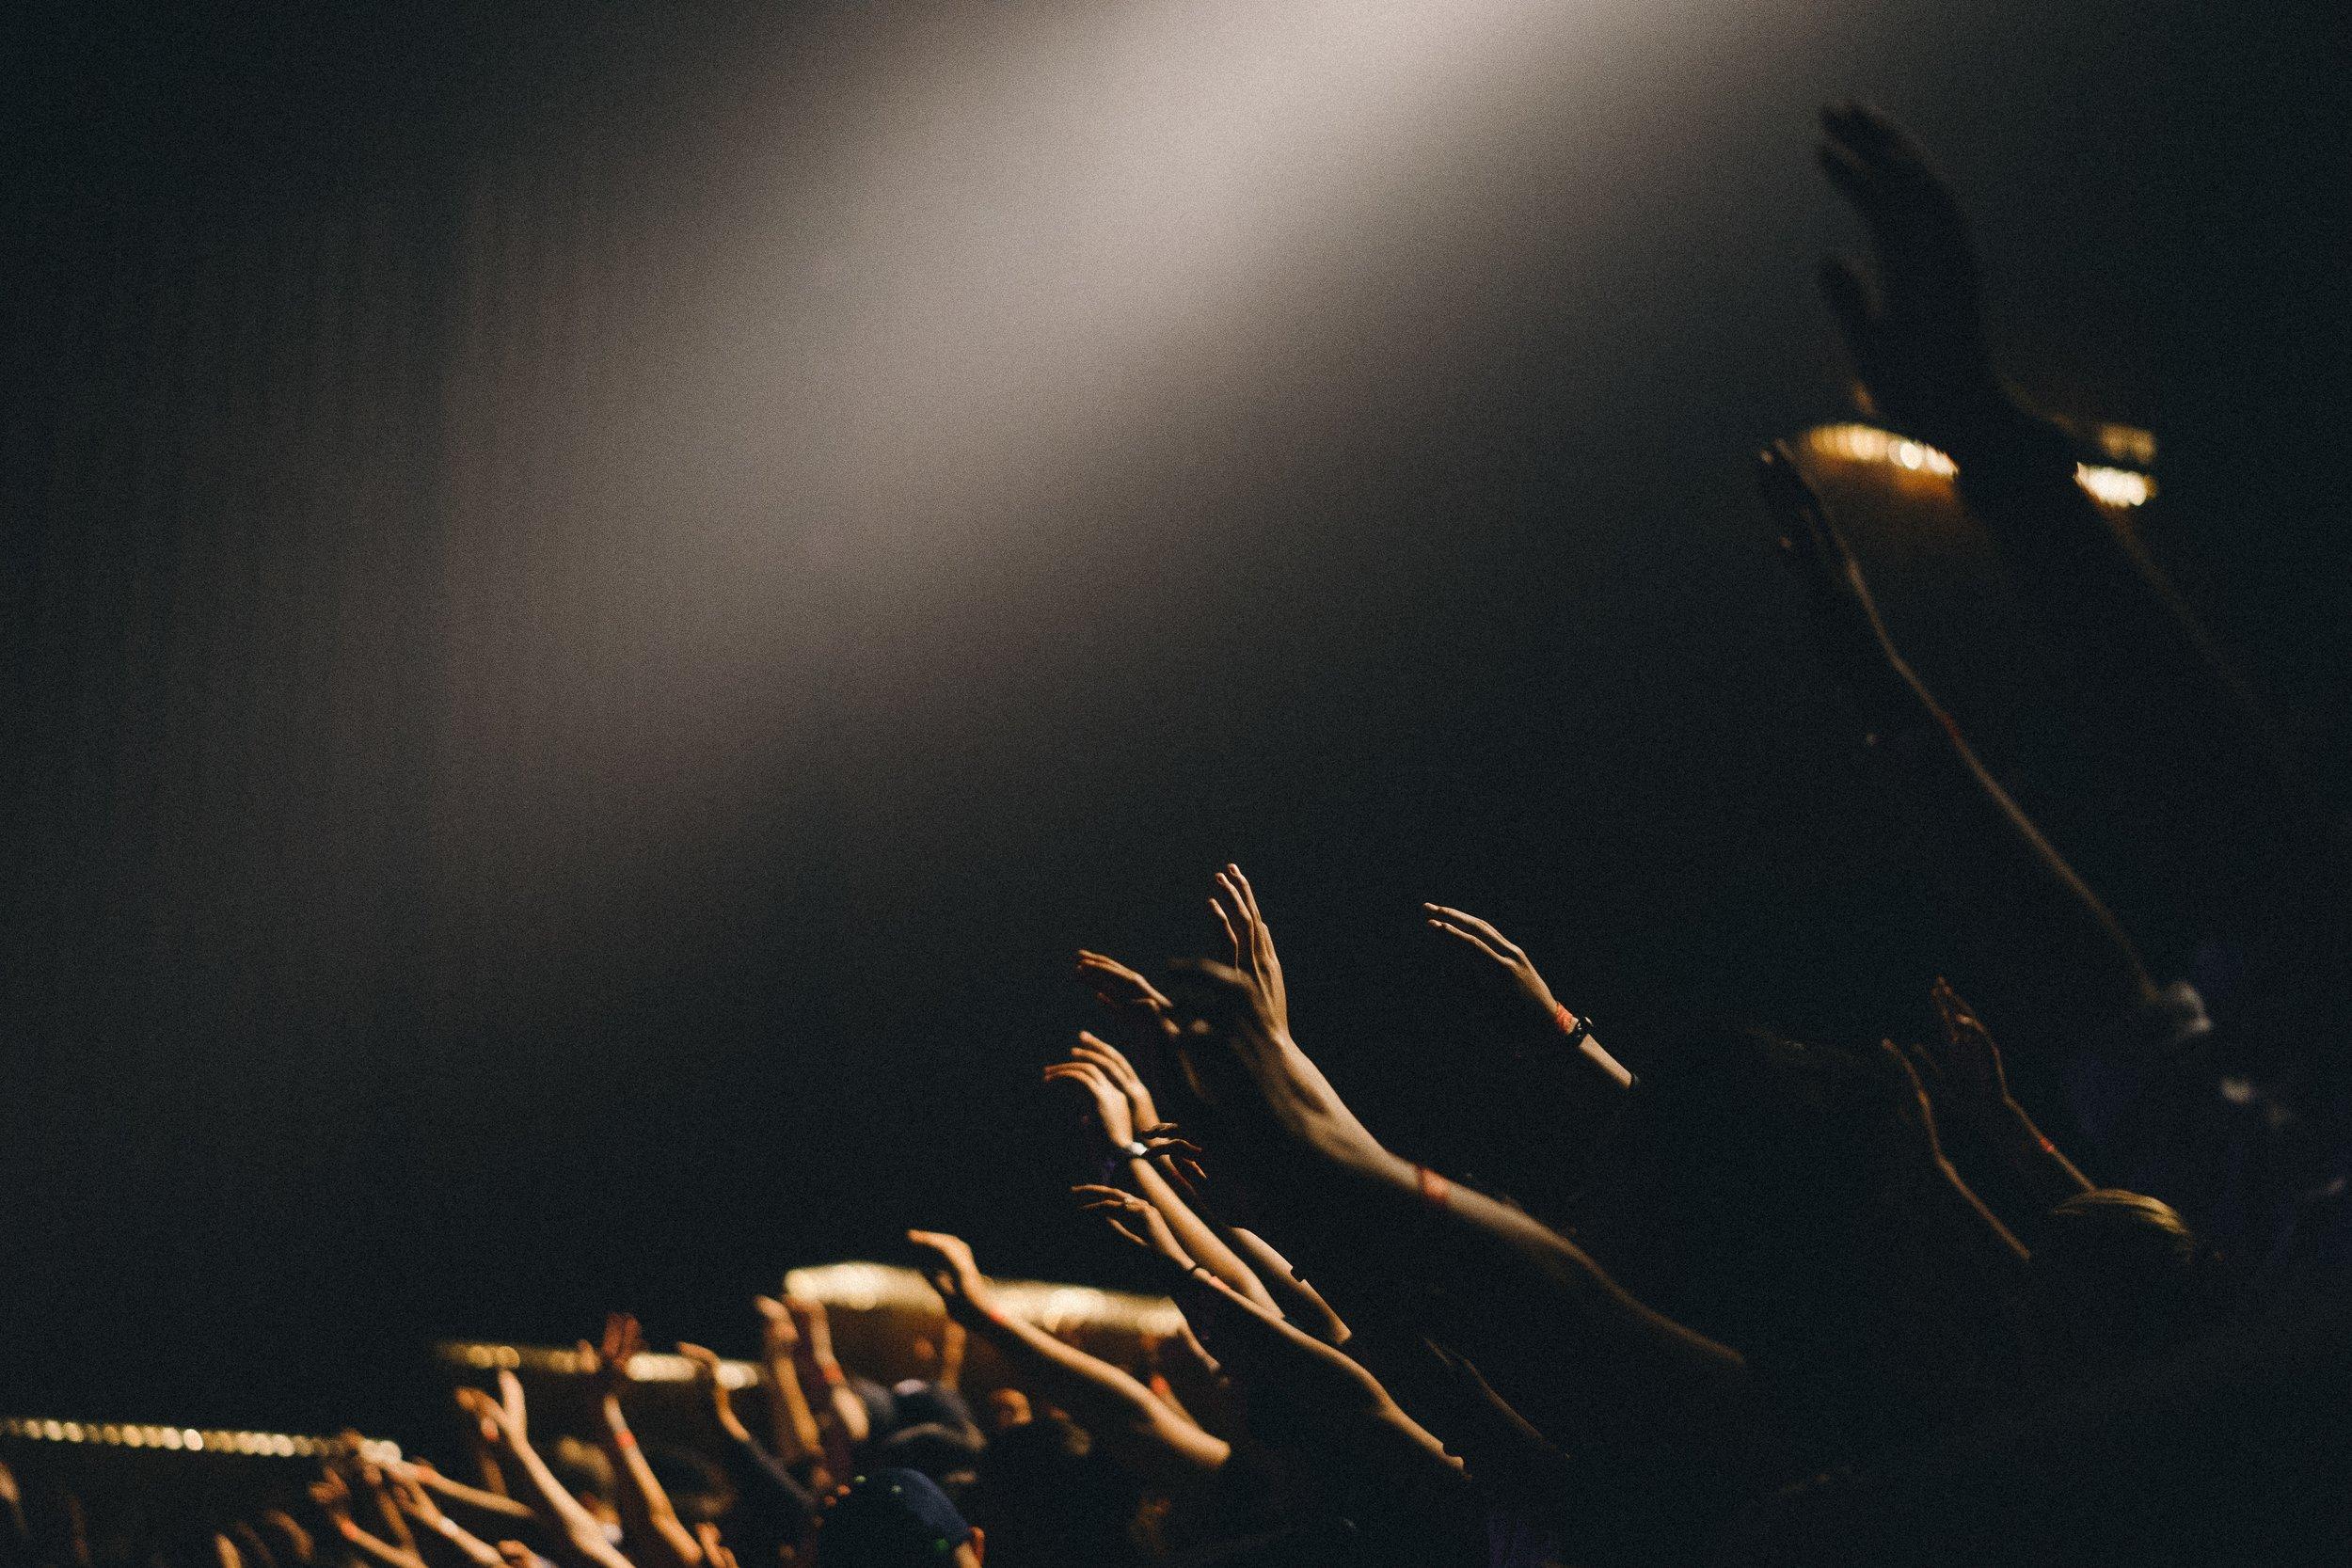 worship-hands-reaching-edwin-andrade-158050-unsplash.jpg